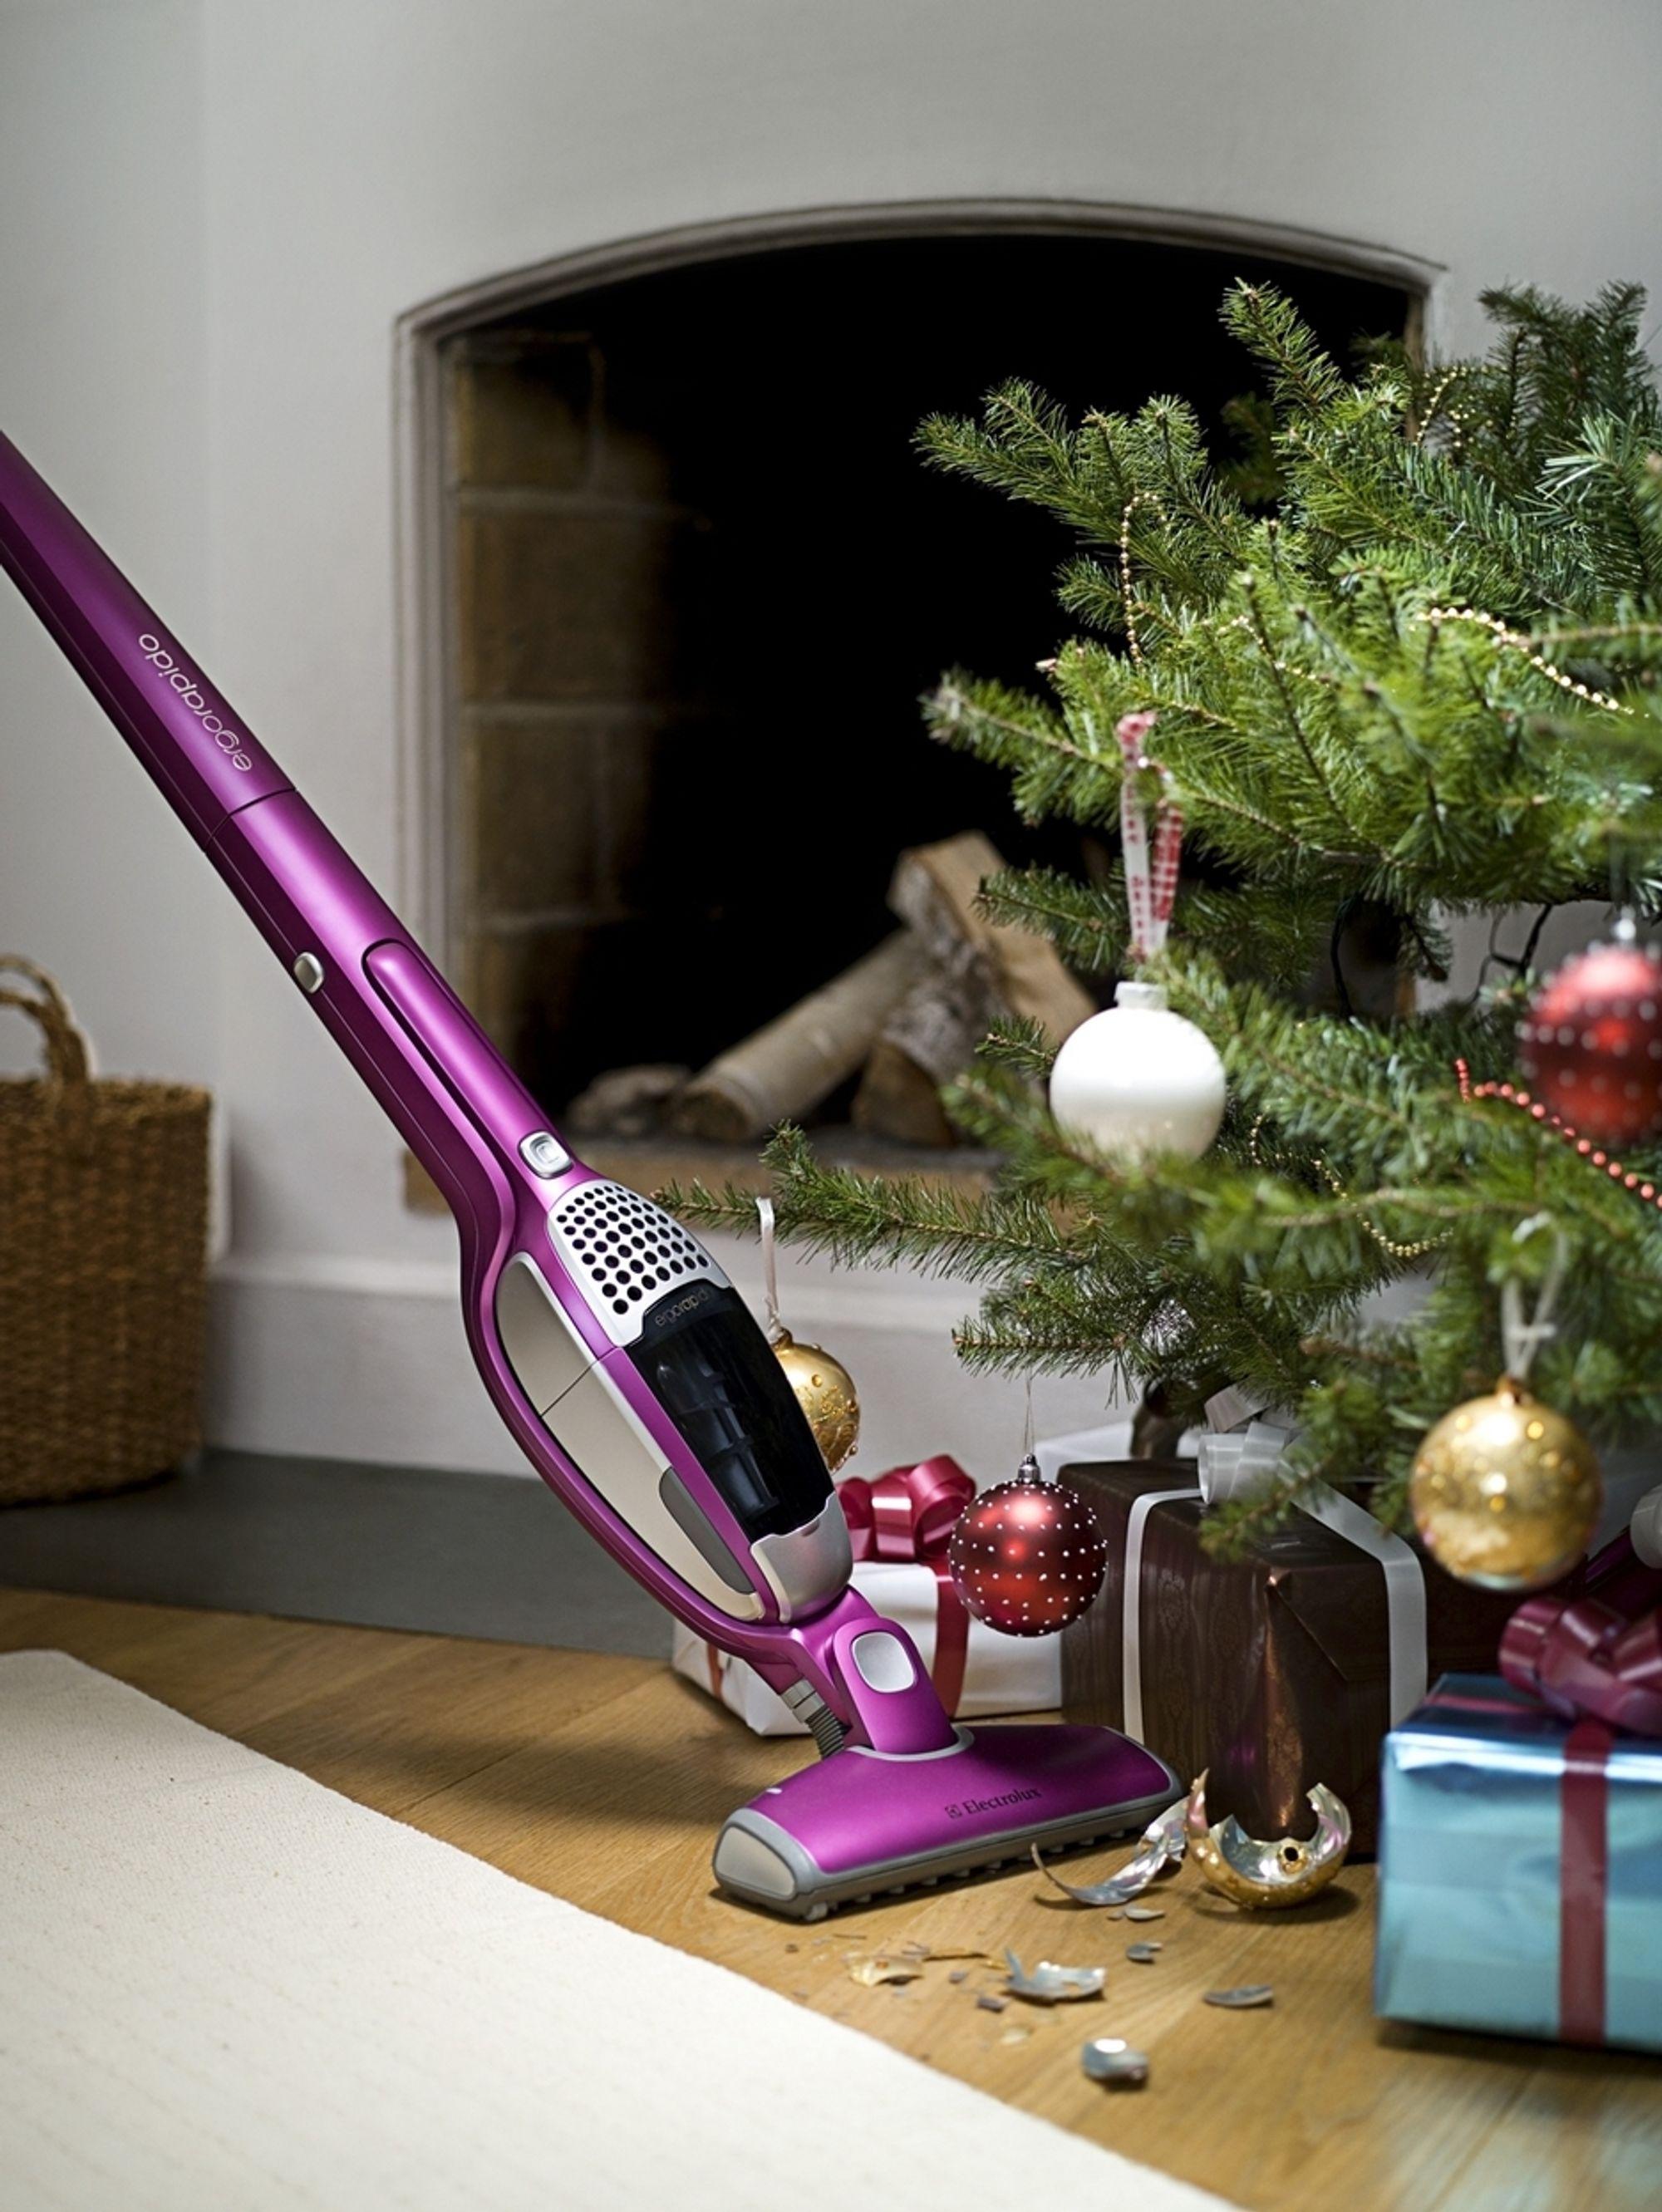 UUNVÆRLIG: Ergorapido er et lite teknisk vidunder som kan redde den mest kaotiske jul med knuste glasskuler på juletreet og brødsmuler ut over halve kjøkkenet.